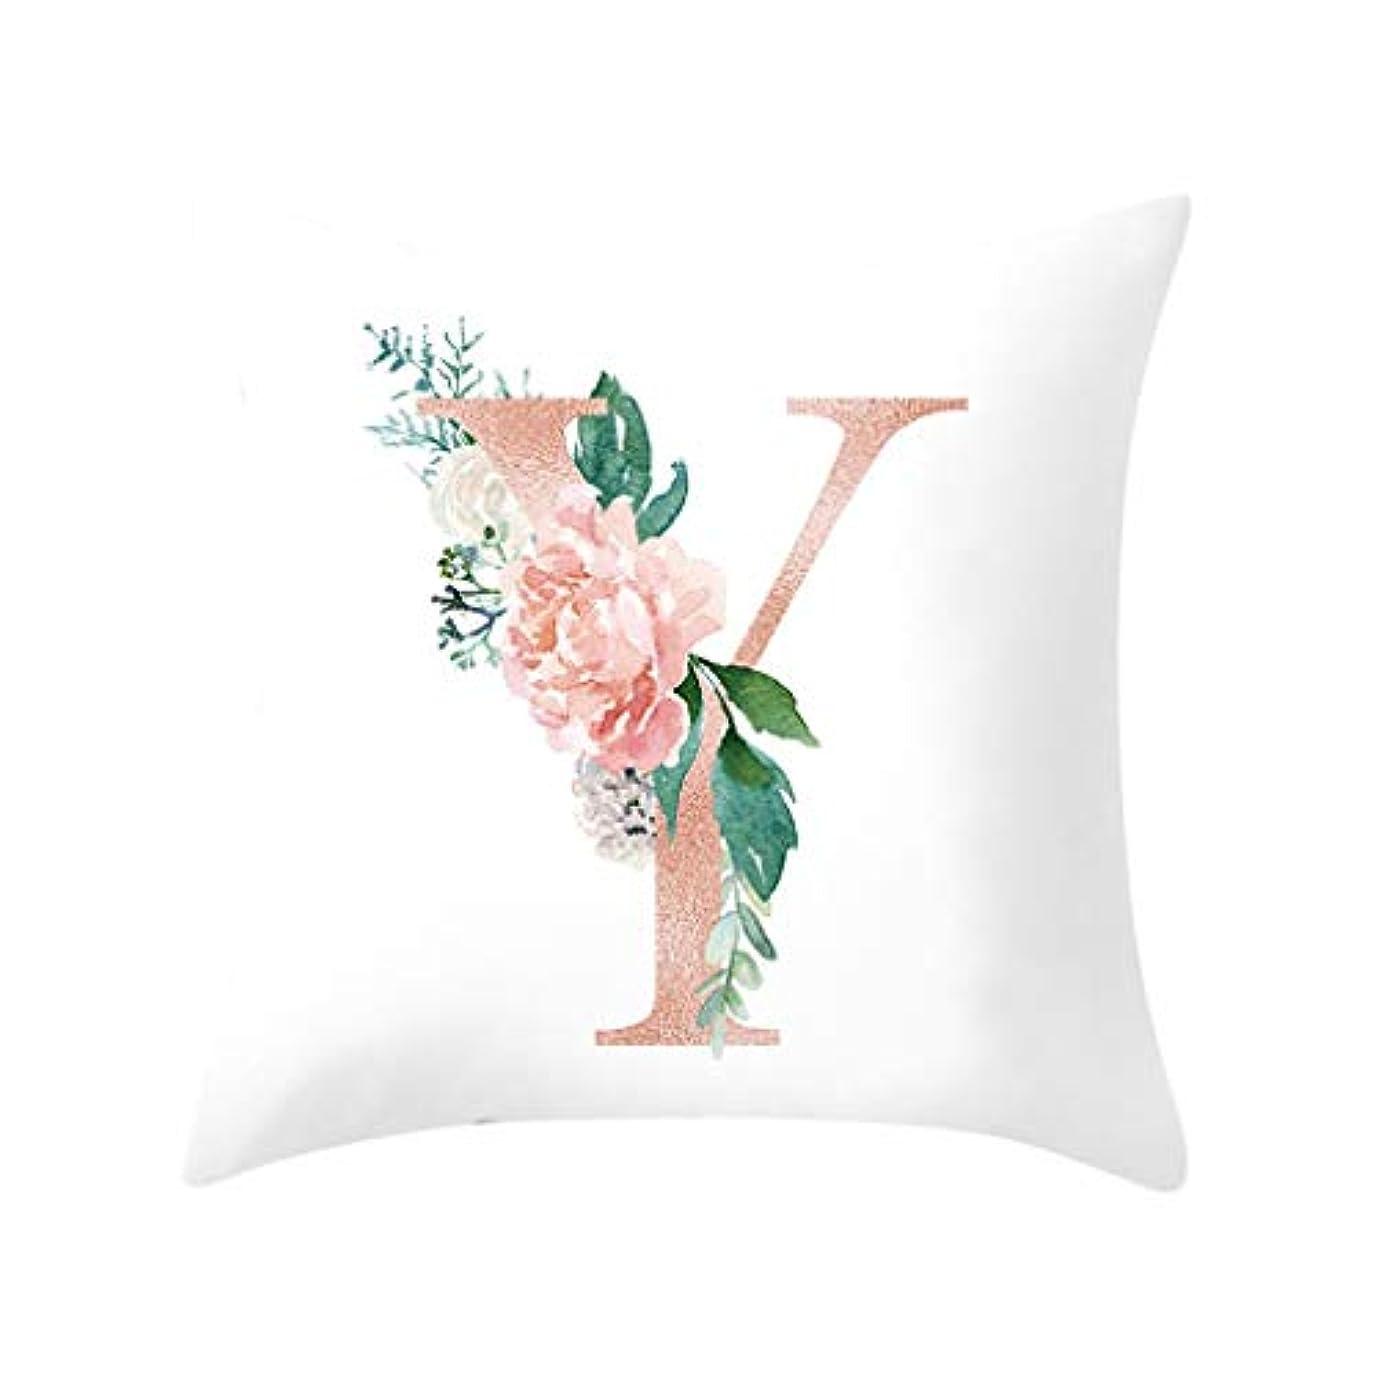 時間面イースターLIFE 装飾クッションソファ手紙枕アルファベットクッション印刷ソファ家の装飾の花枕 coussin decoratif クッション 椅子